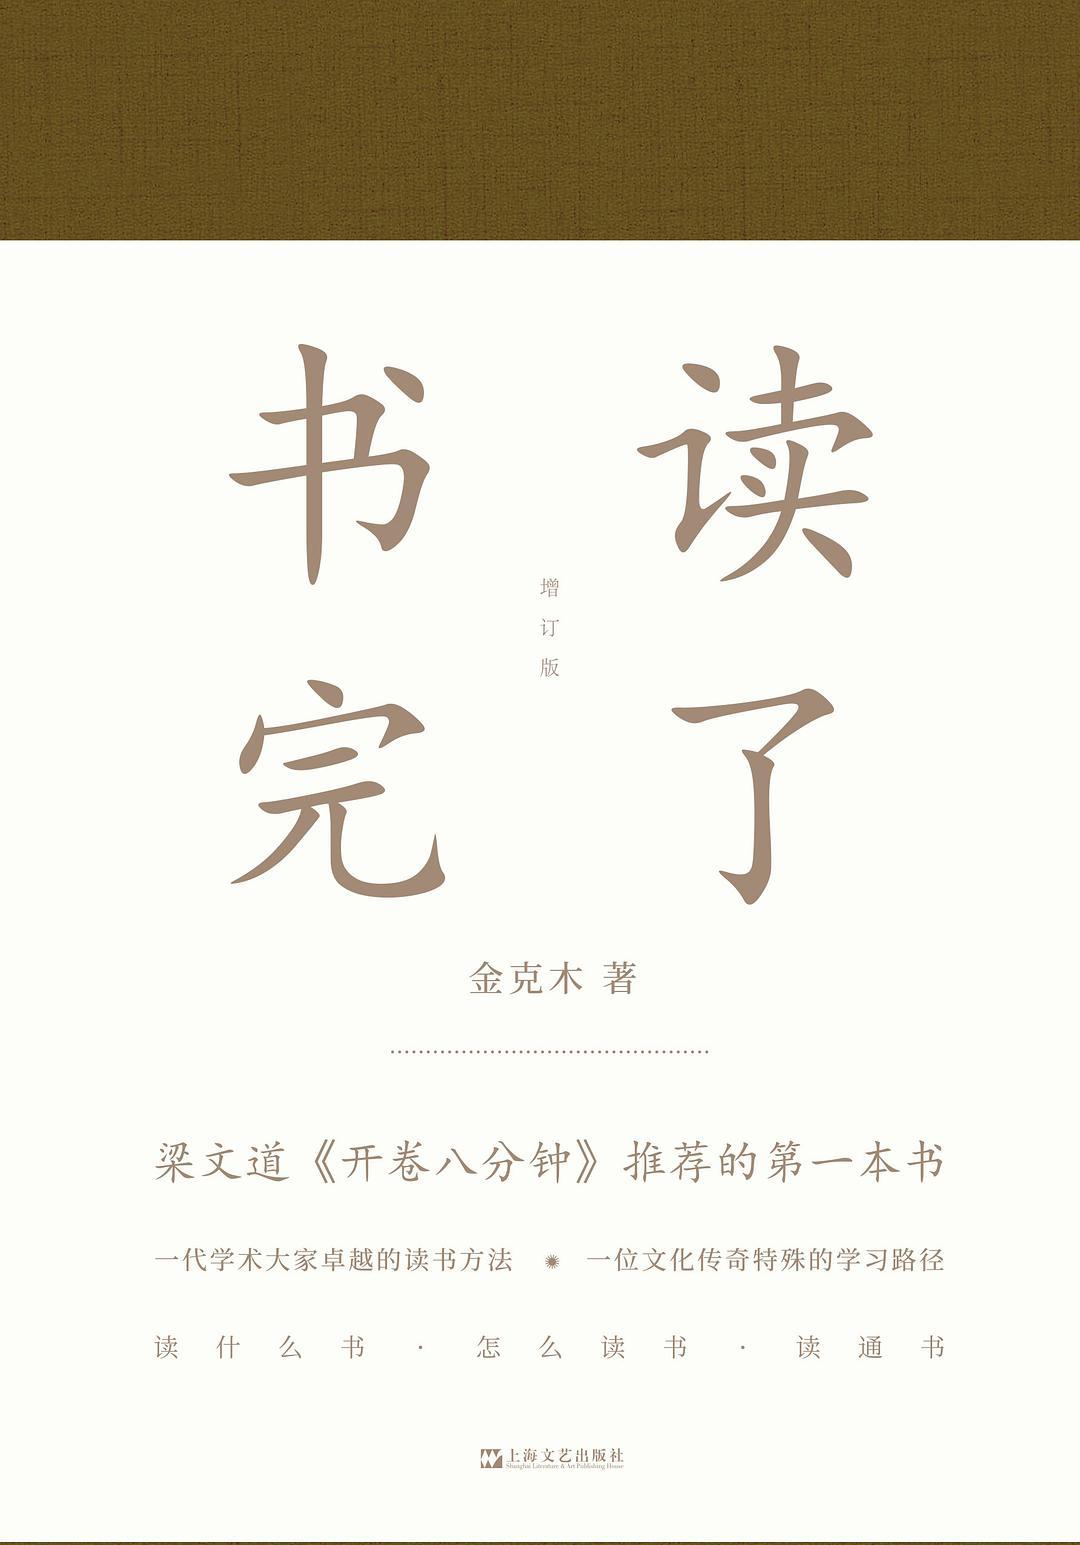 黄德海从金克木生前约30部已出版著作中选出有关读书治学方法的文章50余篇,编成《书读完了》,该书由上海文艺出版社出版。